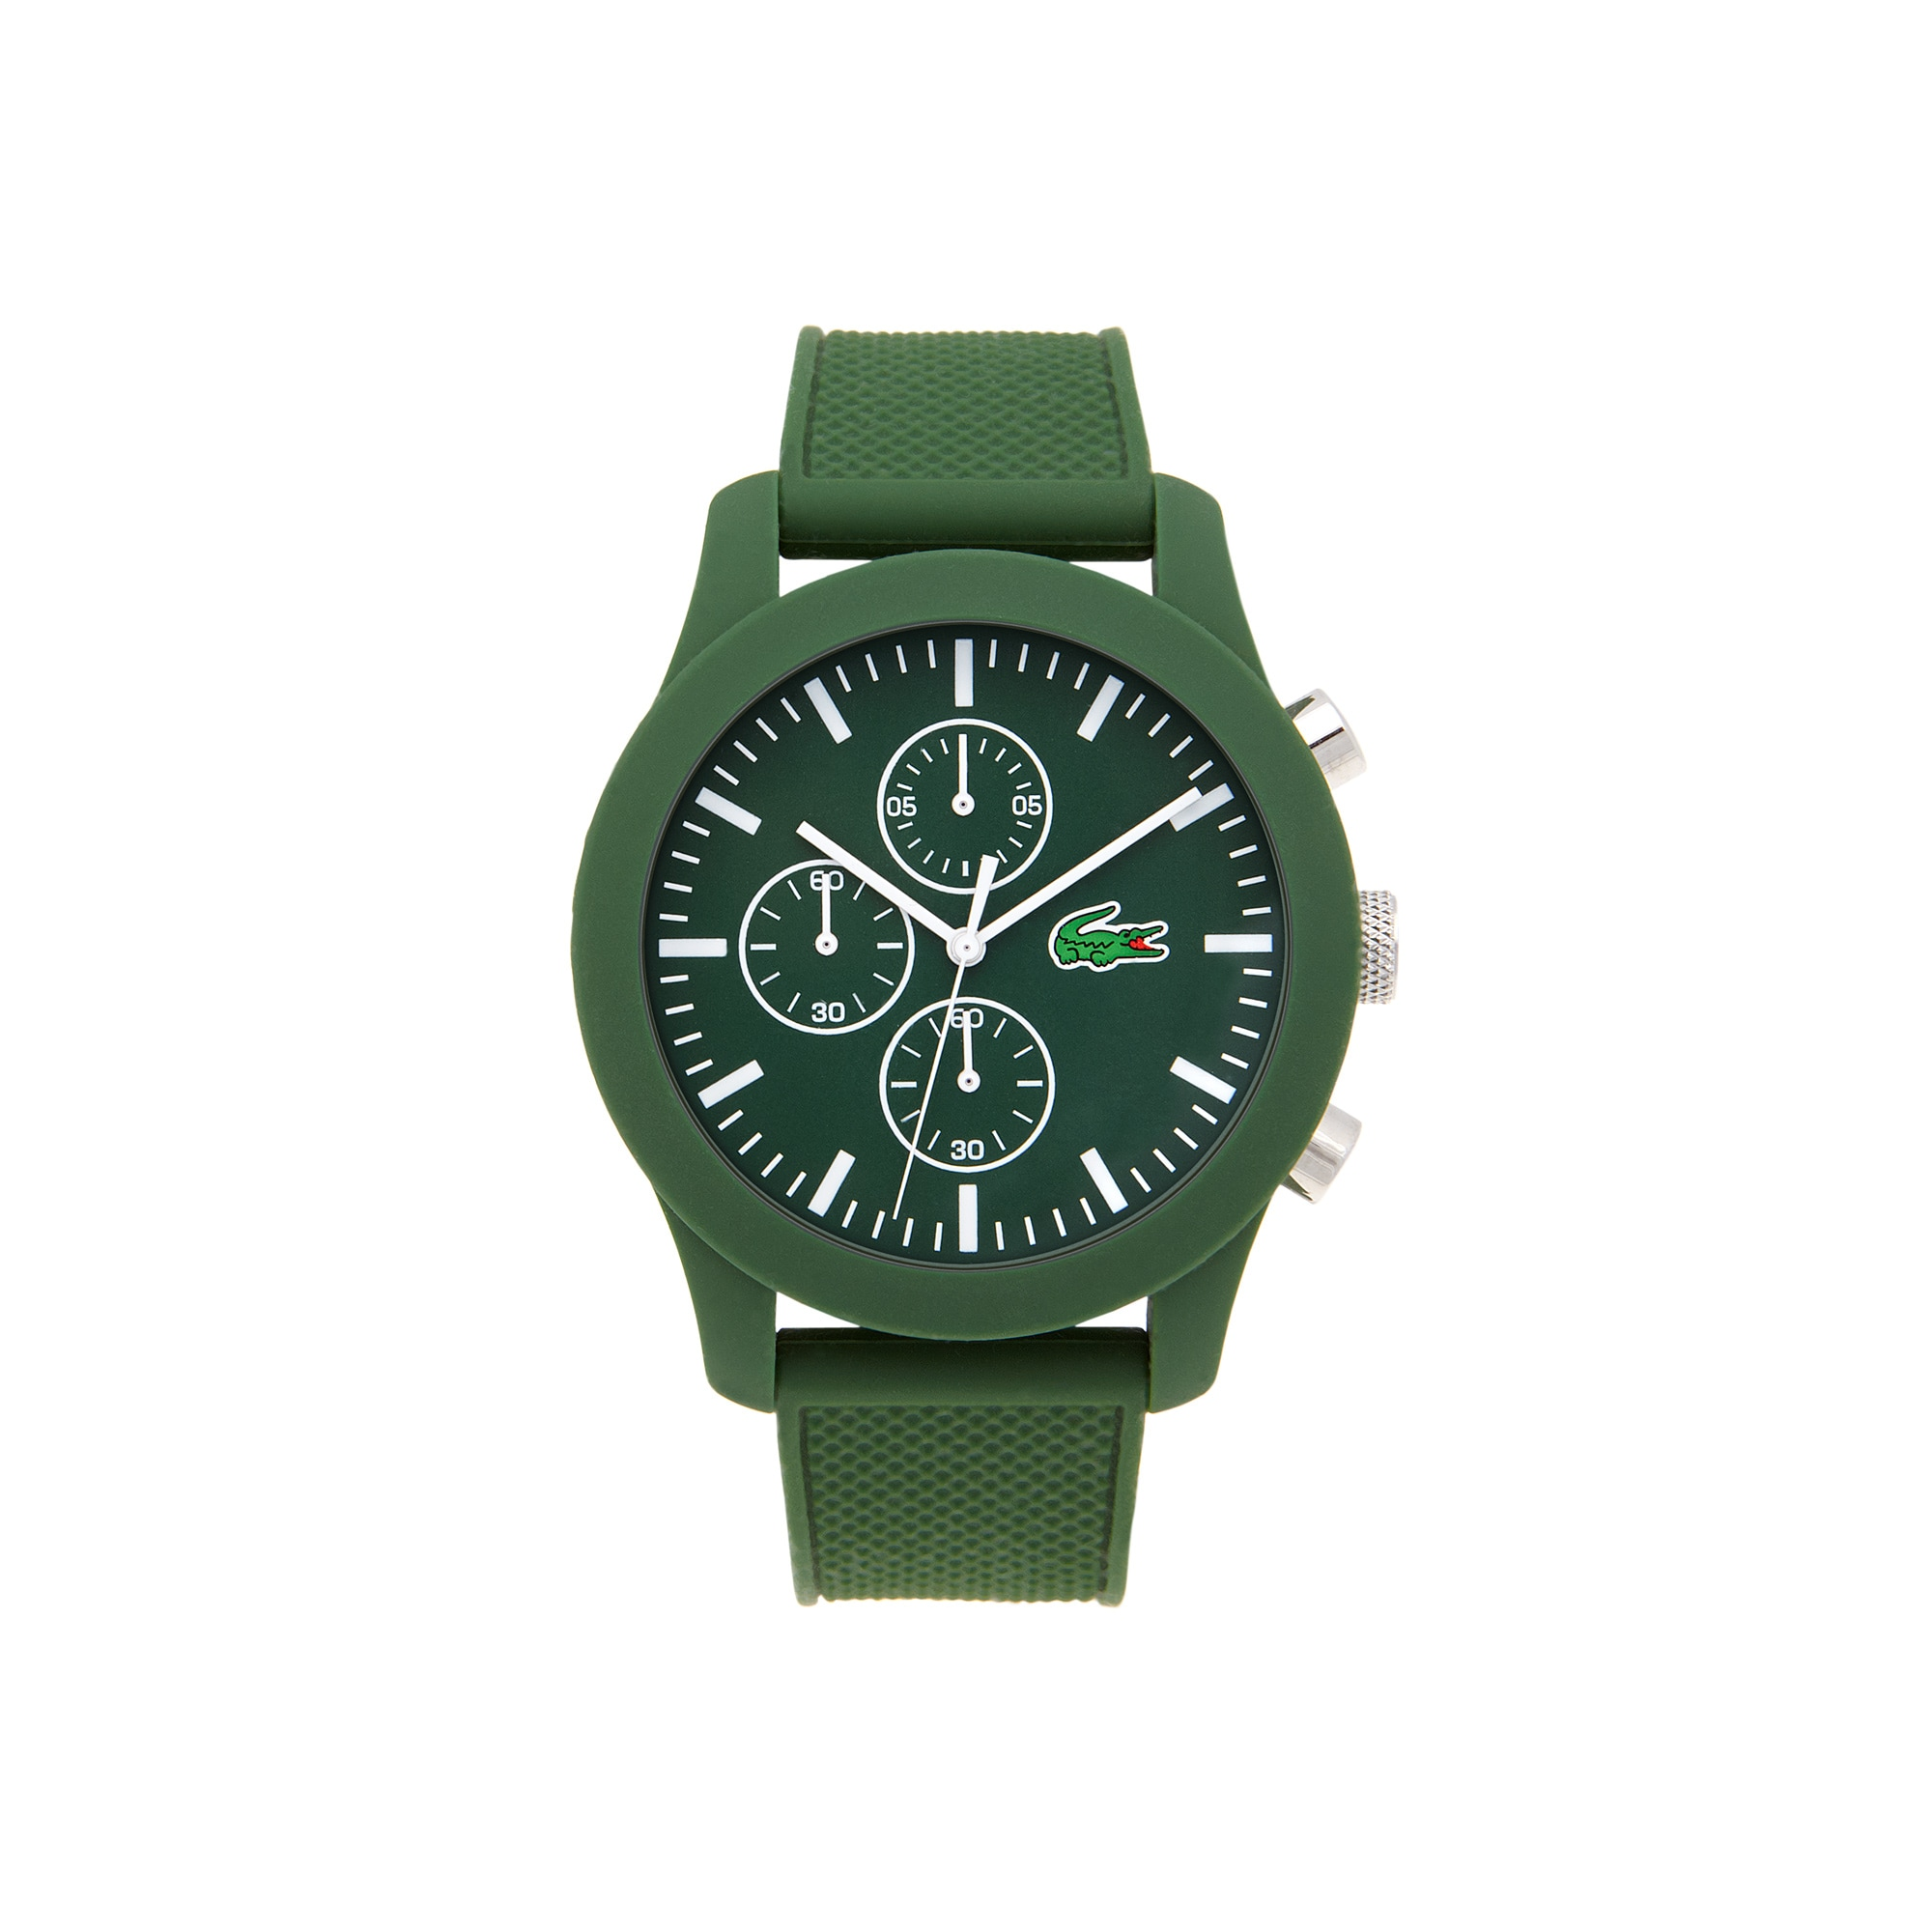 Montre Lacoste 12.12 Homme avec Bracelet en Silicone Vert